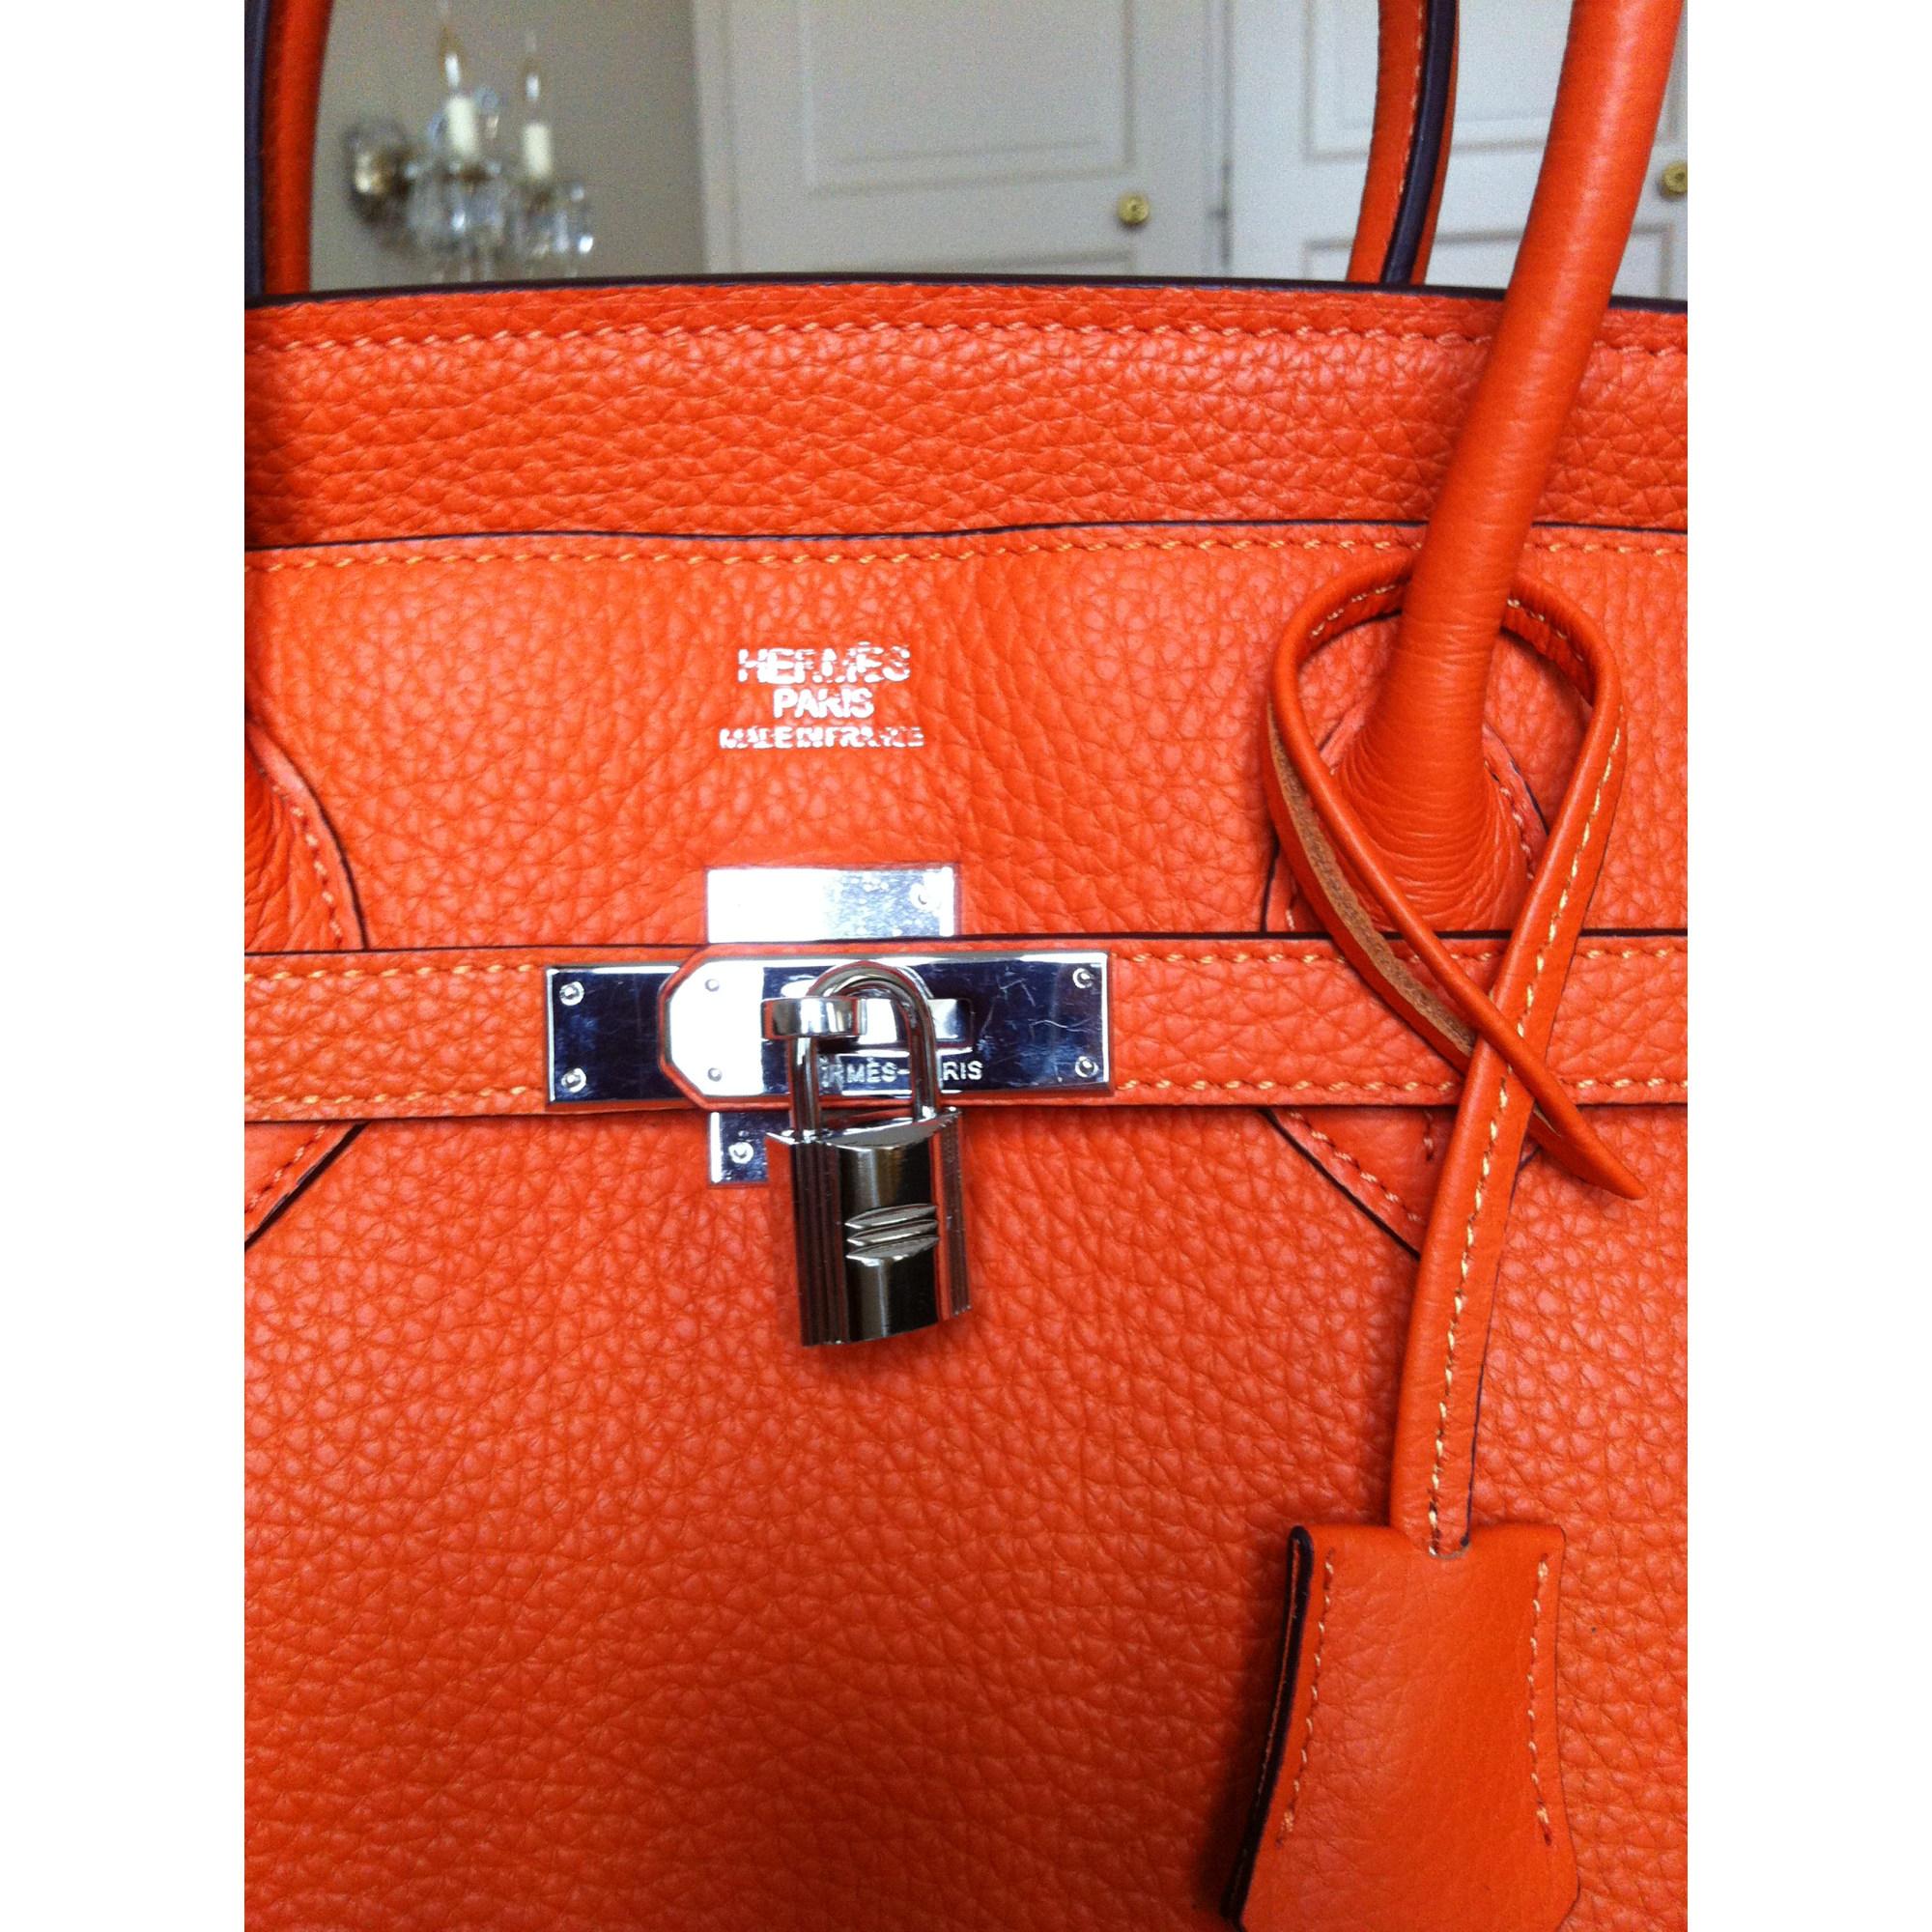 achat sac de luxe hermes